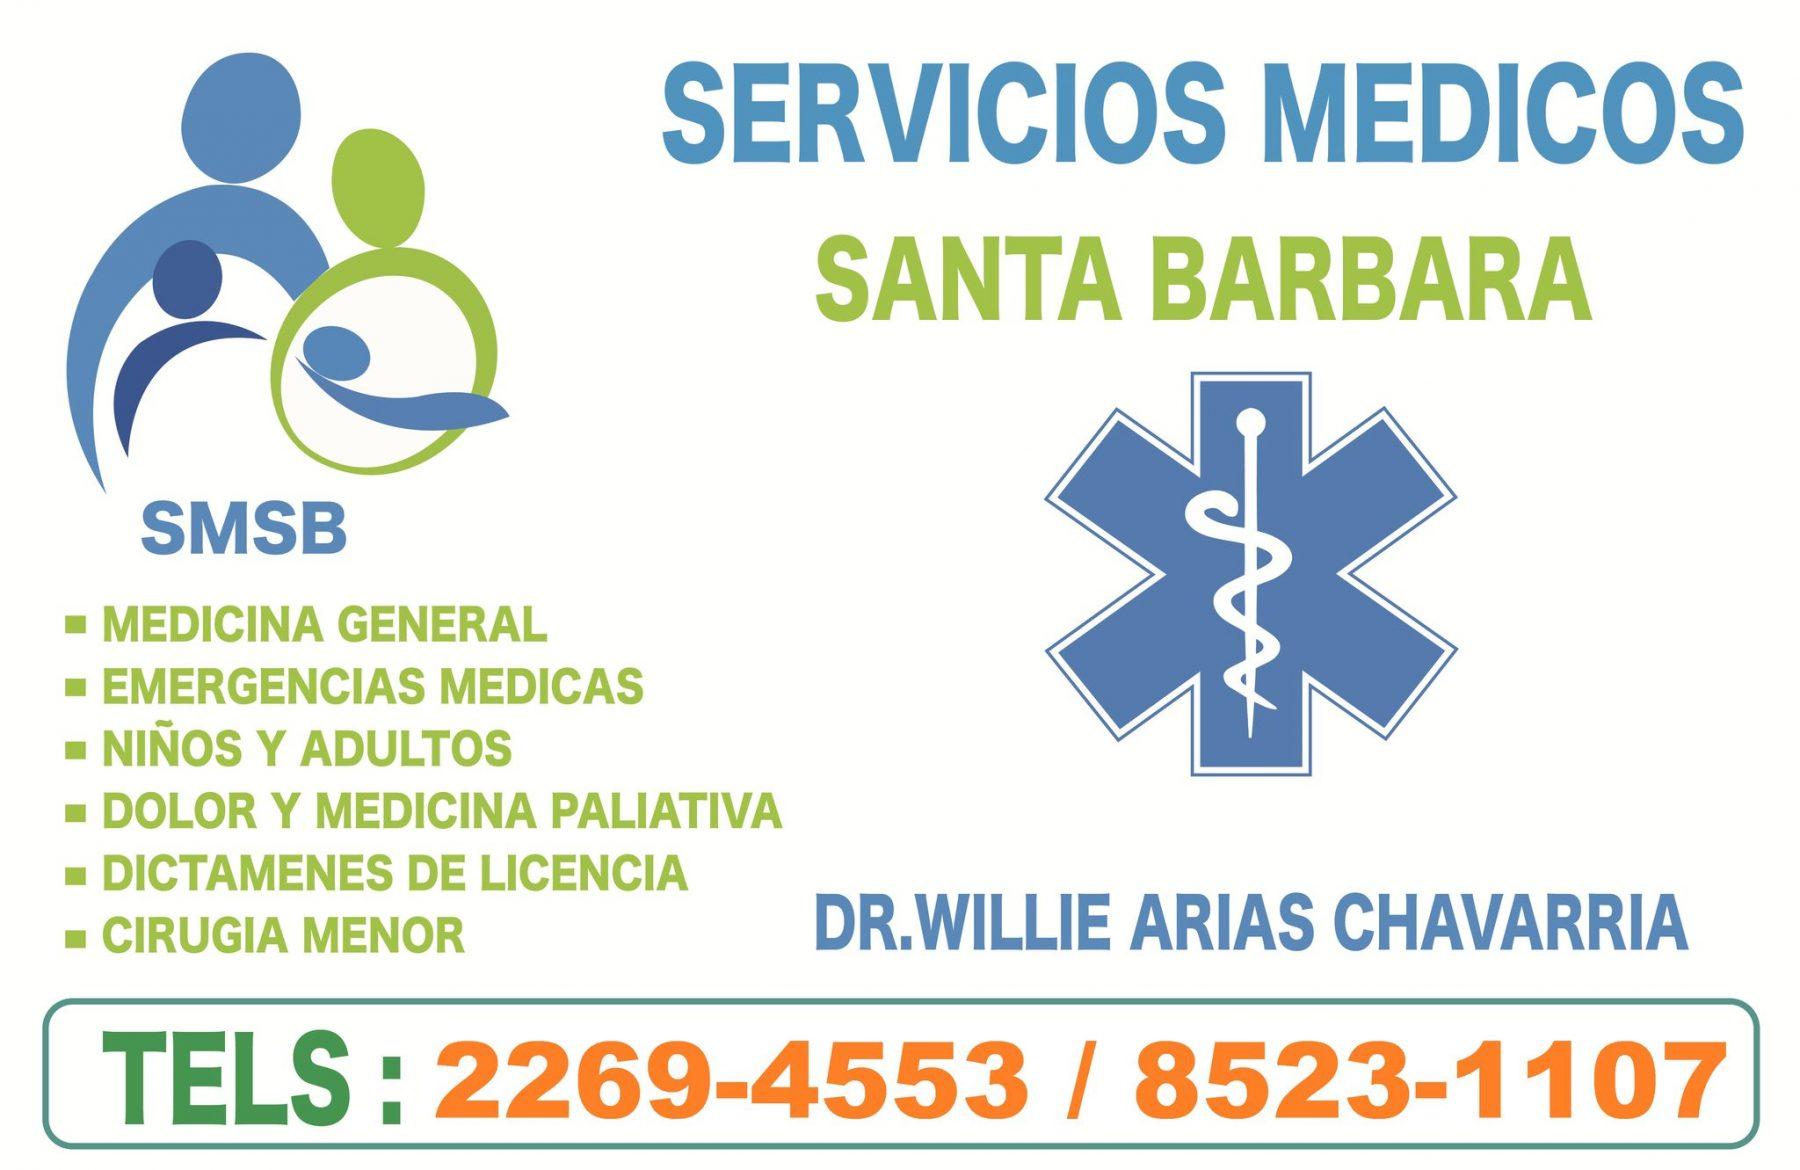 Amarillas-CR-Servicios-Médicos-Santa-Bárbara-1